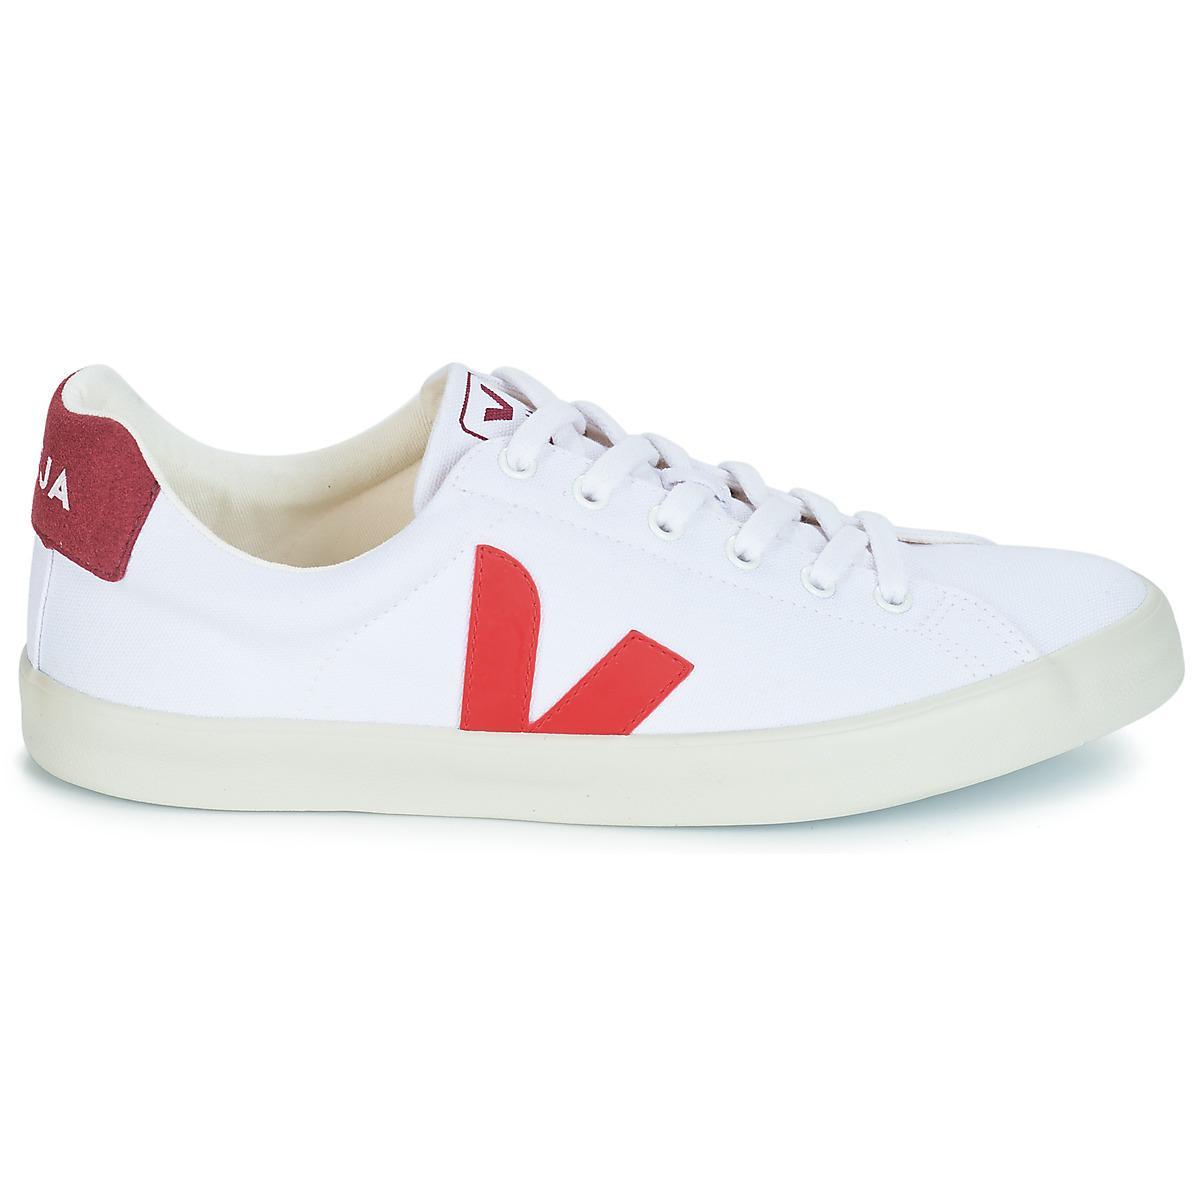 e2d29076e96f Veja Esplar Se Men s Shoes (trainers) In White in White for Men - Lyst